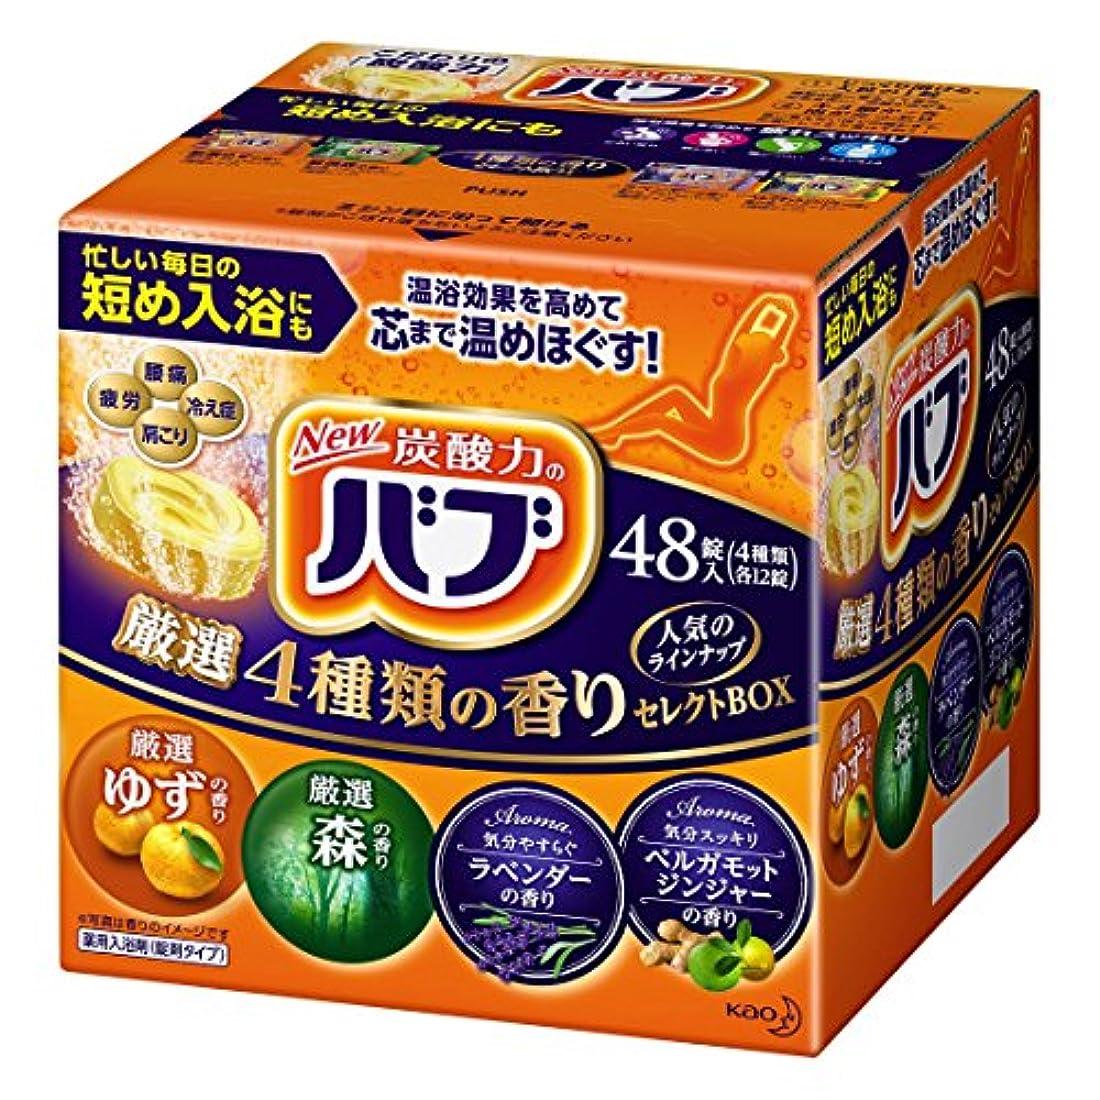 リング連隊アノイ【大容量】バブ 厳選4種類の香りセレクトBOX 48錠 炭酸 入浴剤